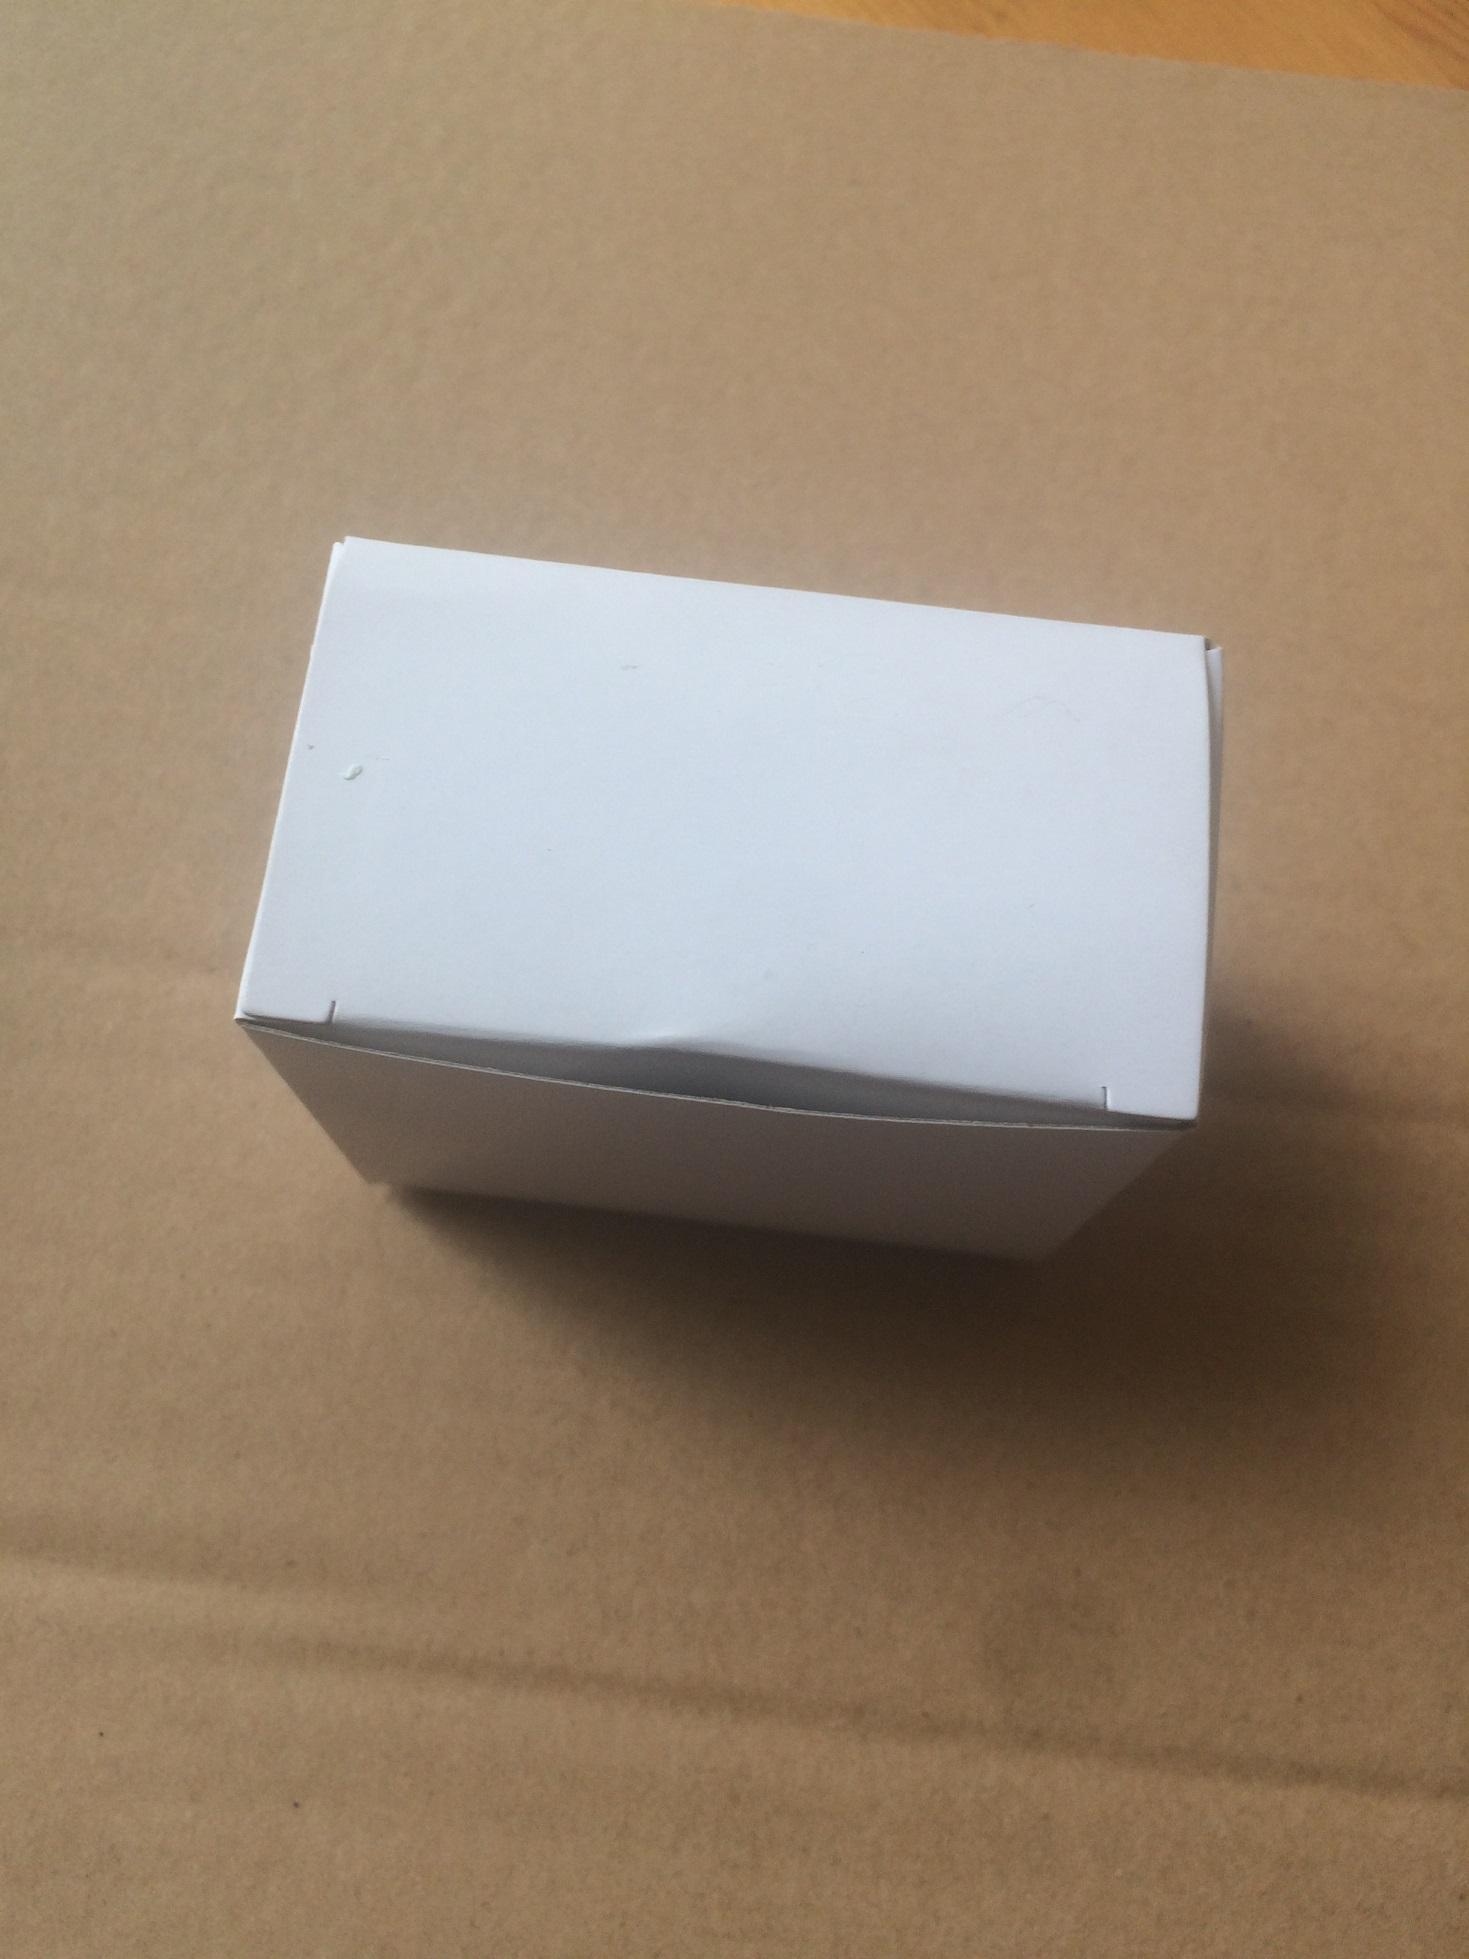 5V1A 欧规充电器,欧规适配器,欧规开关电源 3